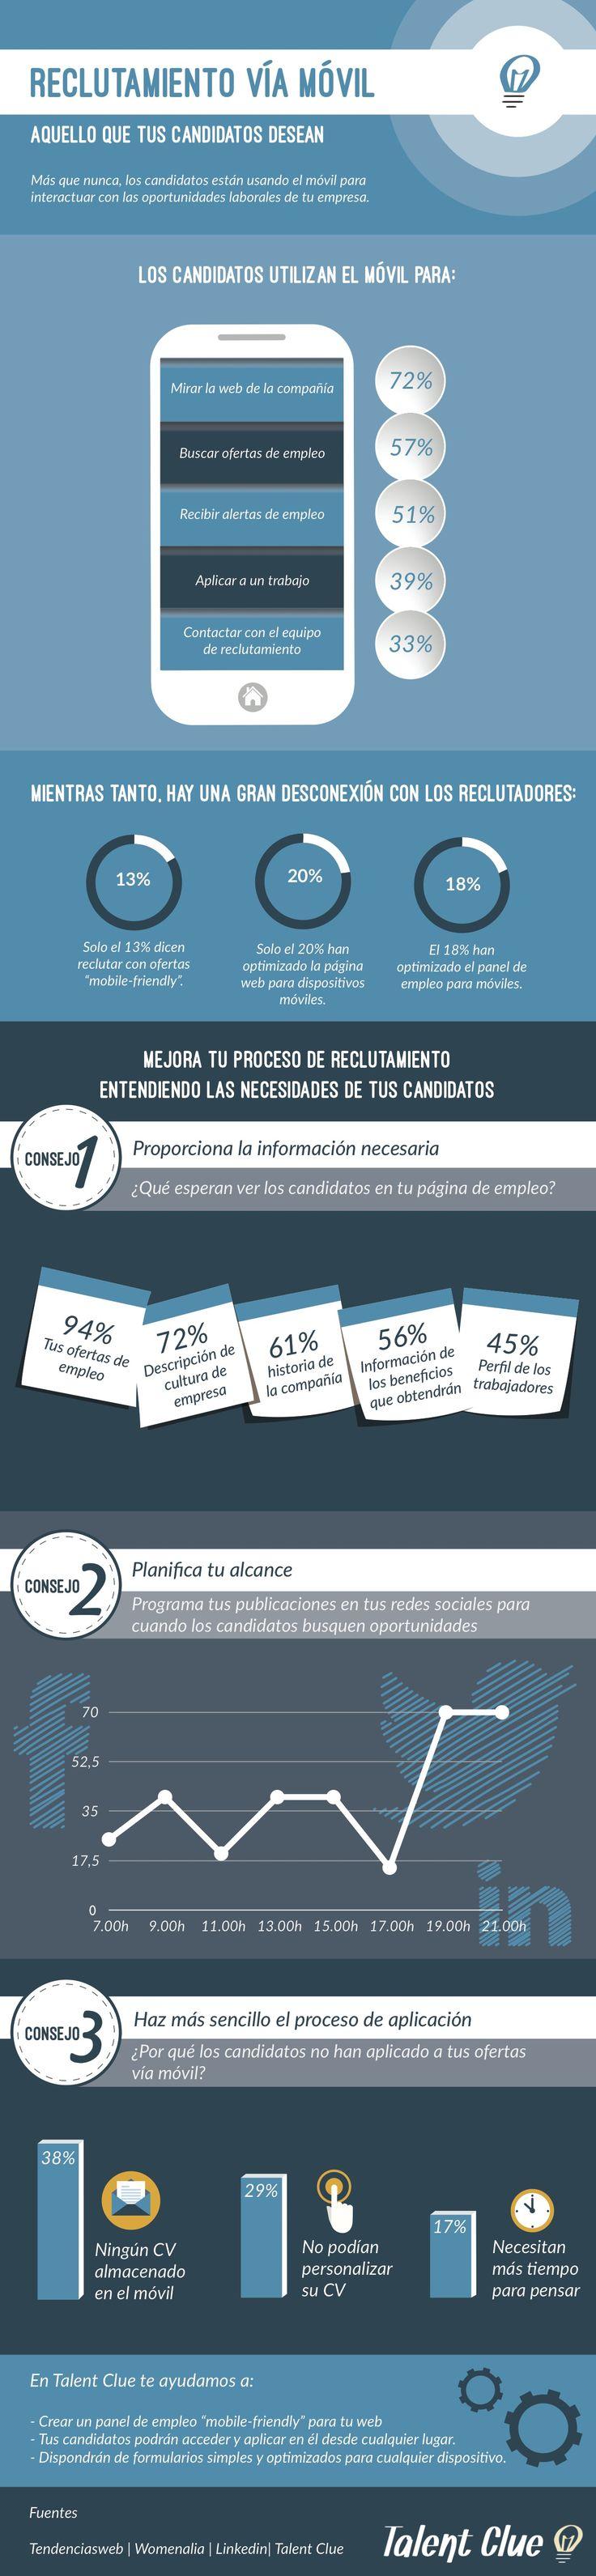 Móvil y selección. Qué buscan las personas y 3 consejos para realizarlo correctamente #Infografía de @talentclue #rrhh